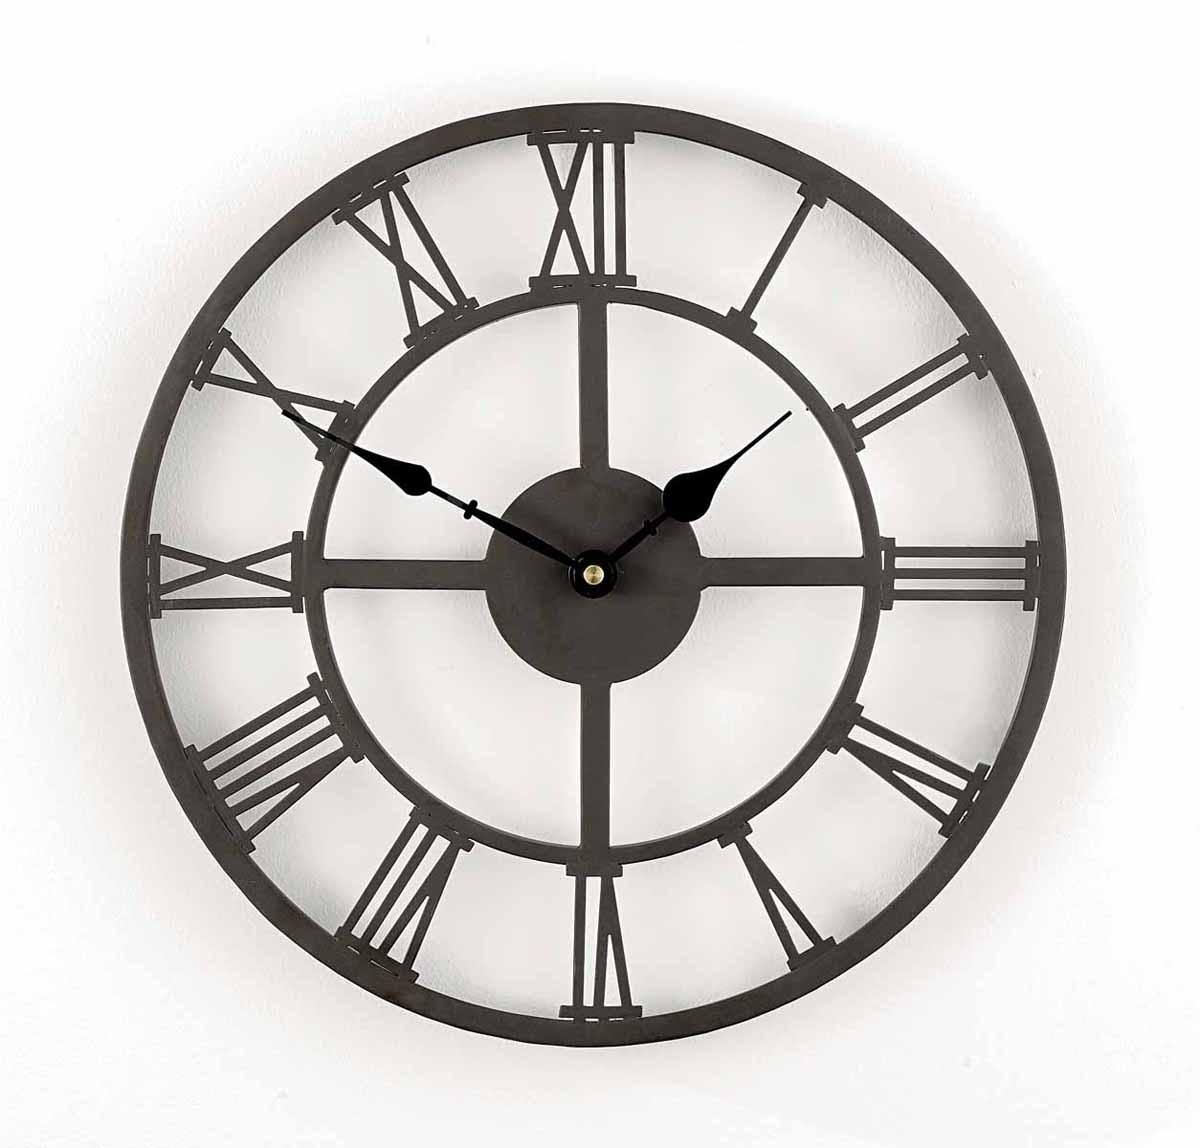 Часы настенные Римские. 1717517175Кварцевые настенные часы Римские, выполненные из металла с покрытием черного цвета, оригинально украсят интерьер помещения, а также прекрасно подойдут для уличного декора. Часы оформлены римскими цифрами и имеют две стрелки - часовую и минутную, крепятся к стене с помощью специальной петли. Часы Римские станут замечательным дизайнерским решением для декора сада, дачи или гостиной дома. Характеристики: Материал: металл,пластик. Диаметр часов: 34 см. Толщина корпуса: 2 см. Рекомендуется докупить 1 батарейку типа АА (в комплект не входит). Товары для садоводства от Gardman - это вещи, сделанные с любовью, с истинно английской практичностью, основанной на глубоких традициях садоводства Великобритании. Эти товары широко известны садоводам Европы, США, Канады и Японии. Демократичные цены и продуманный ассортимент Gardman завоевал признательность и российского покупателя, достойного хороших, качественных вещей. В...